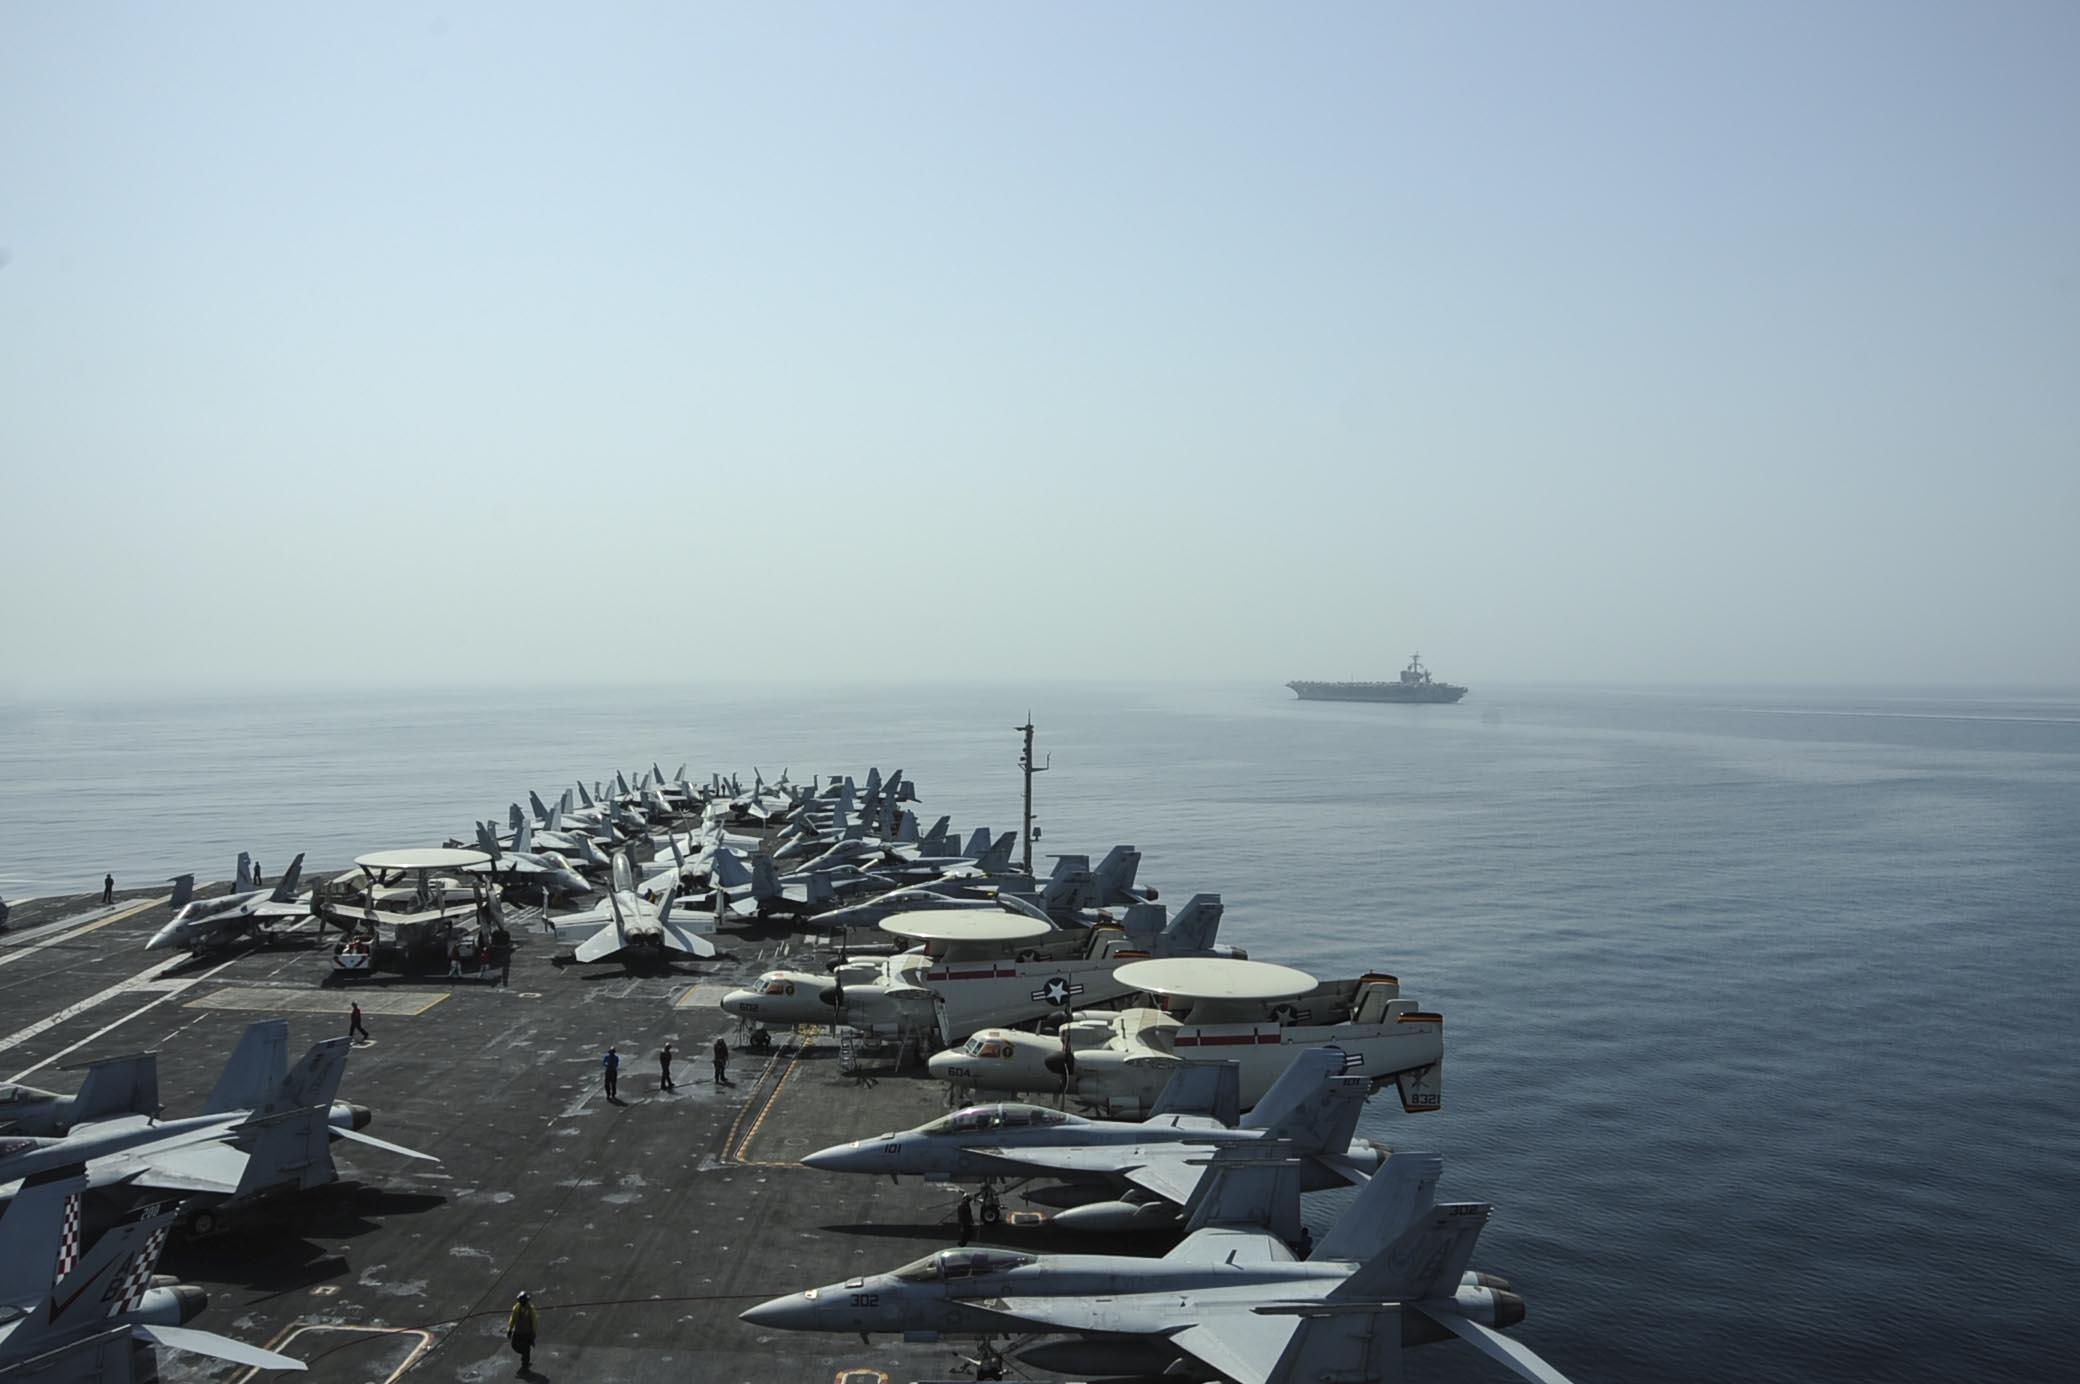 USS CARL VINSON CVN-70 und USS THEODORE ROOSEVELT CVN-71 am 13.04.2015 im Arabischen Meer Bild: U.S. Navy